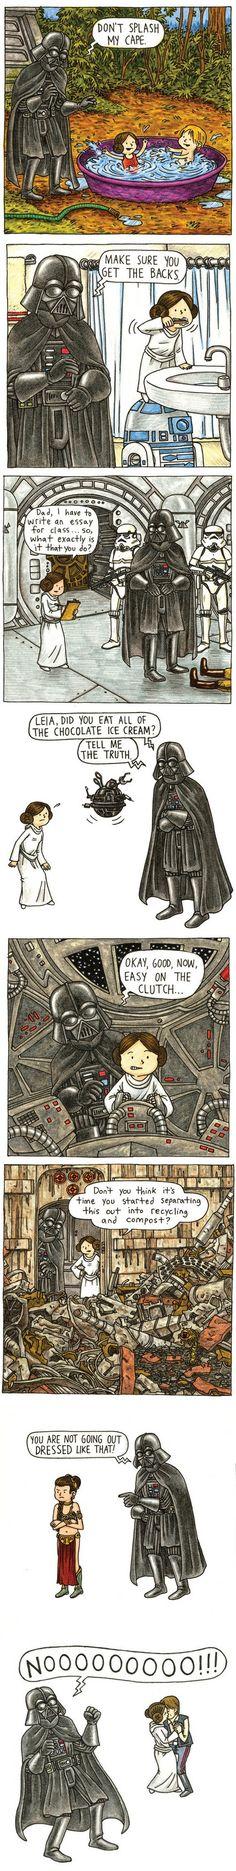 Melhor Livro // Vader's Little Princess